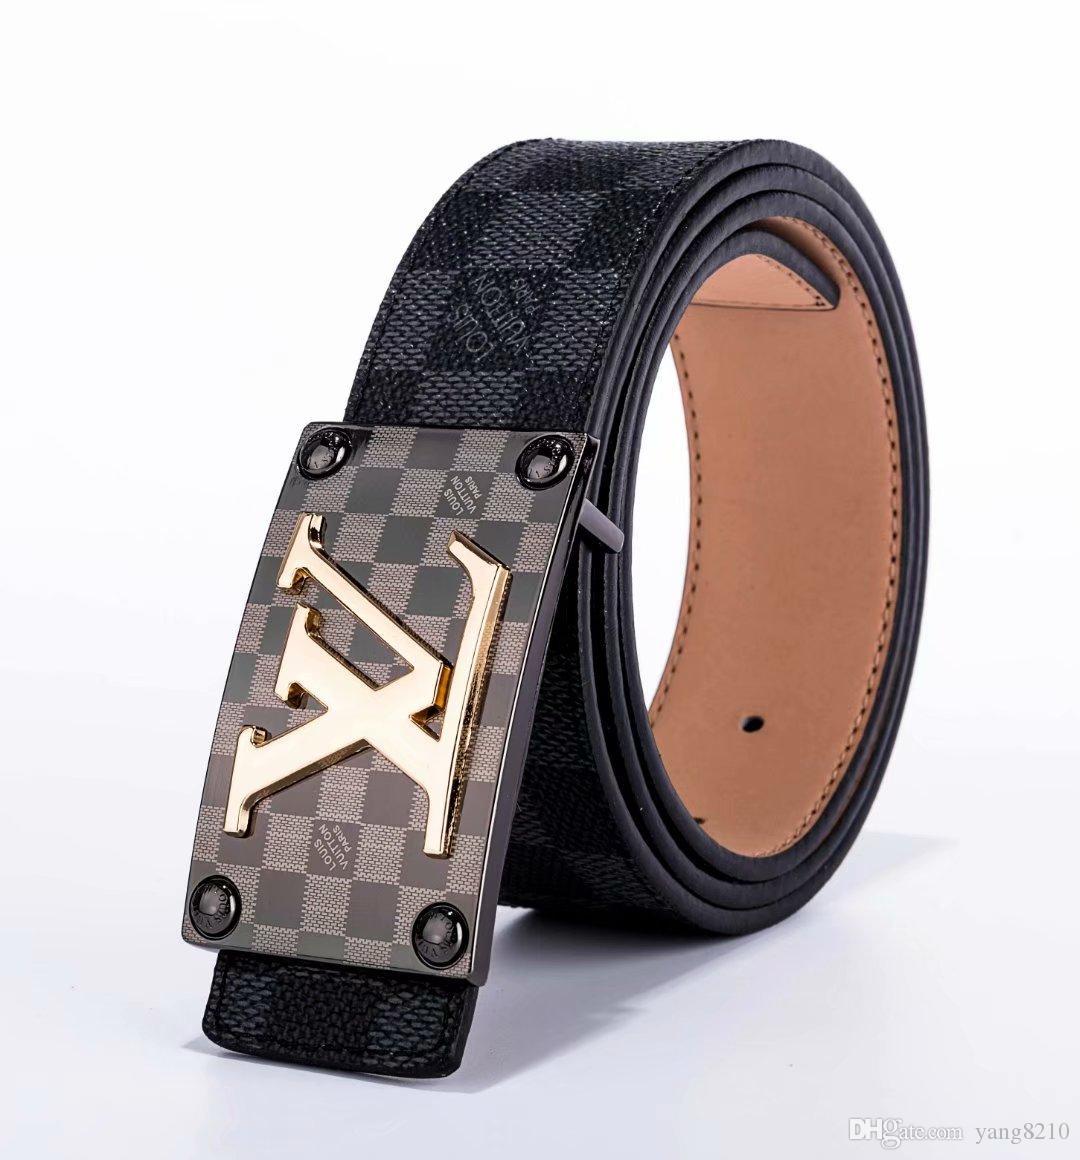 ceinture en cuir ceintures DESIGNERS hommes et femmes de haute qualité nouvelles ceintures mens luxe classique vérifié ceinture 105cm-125cm pas boîte